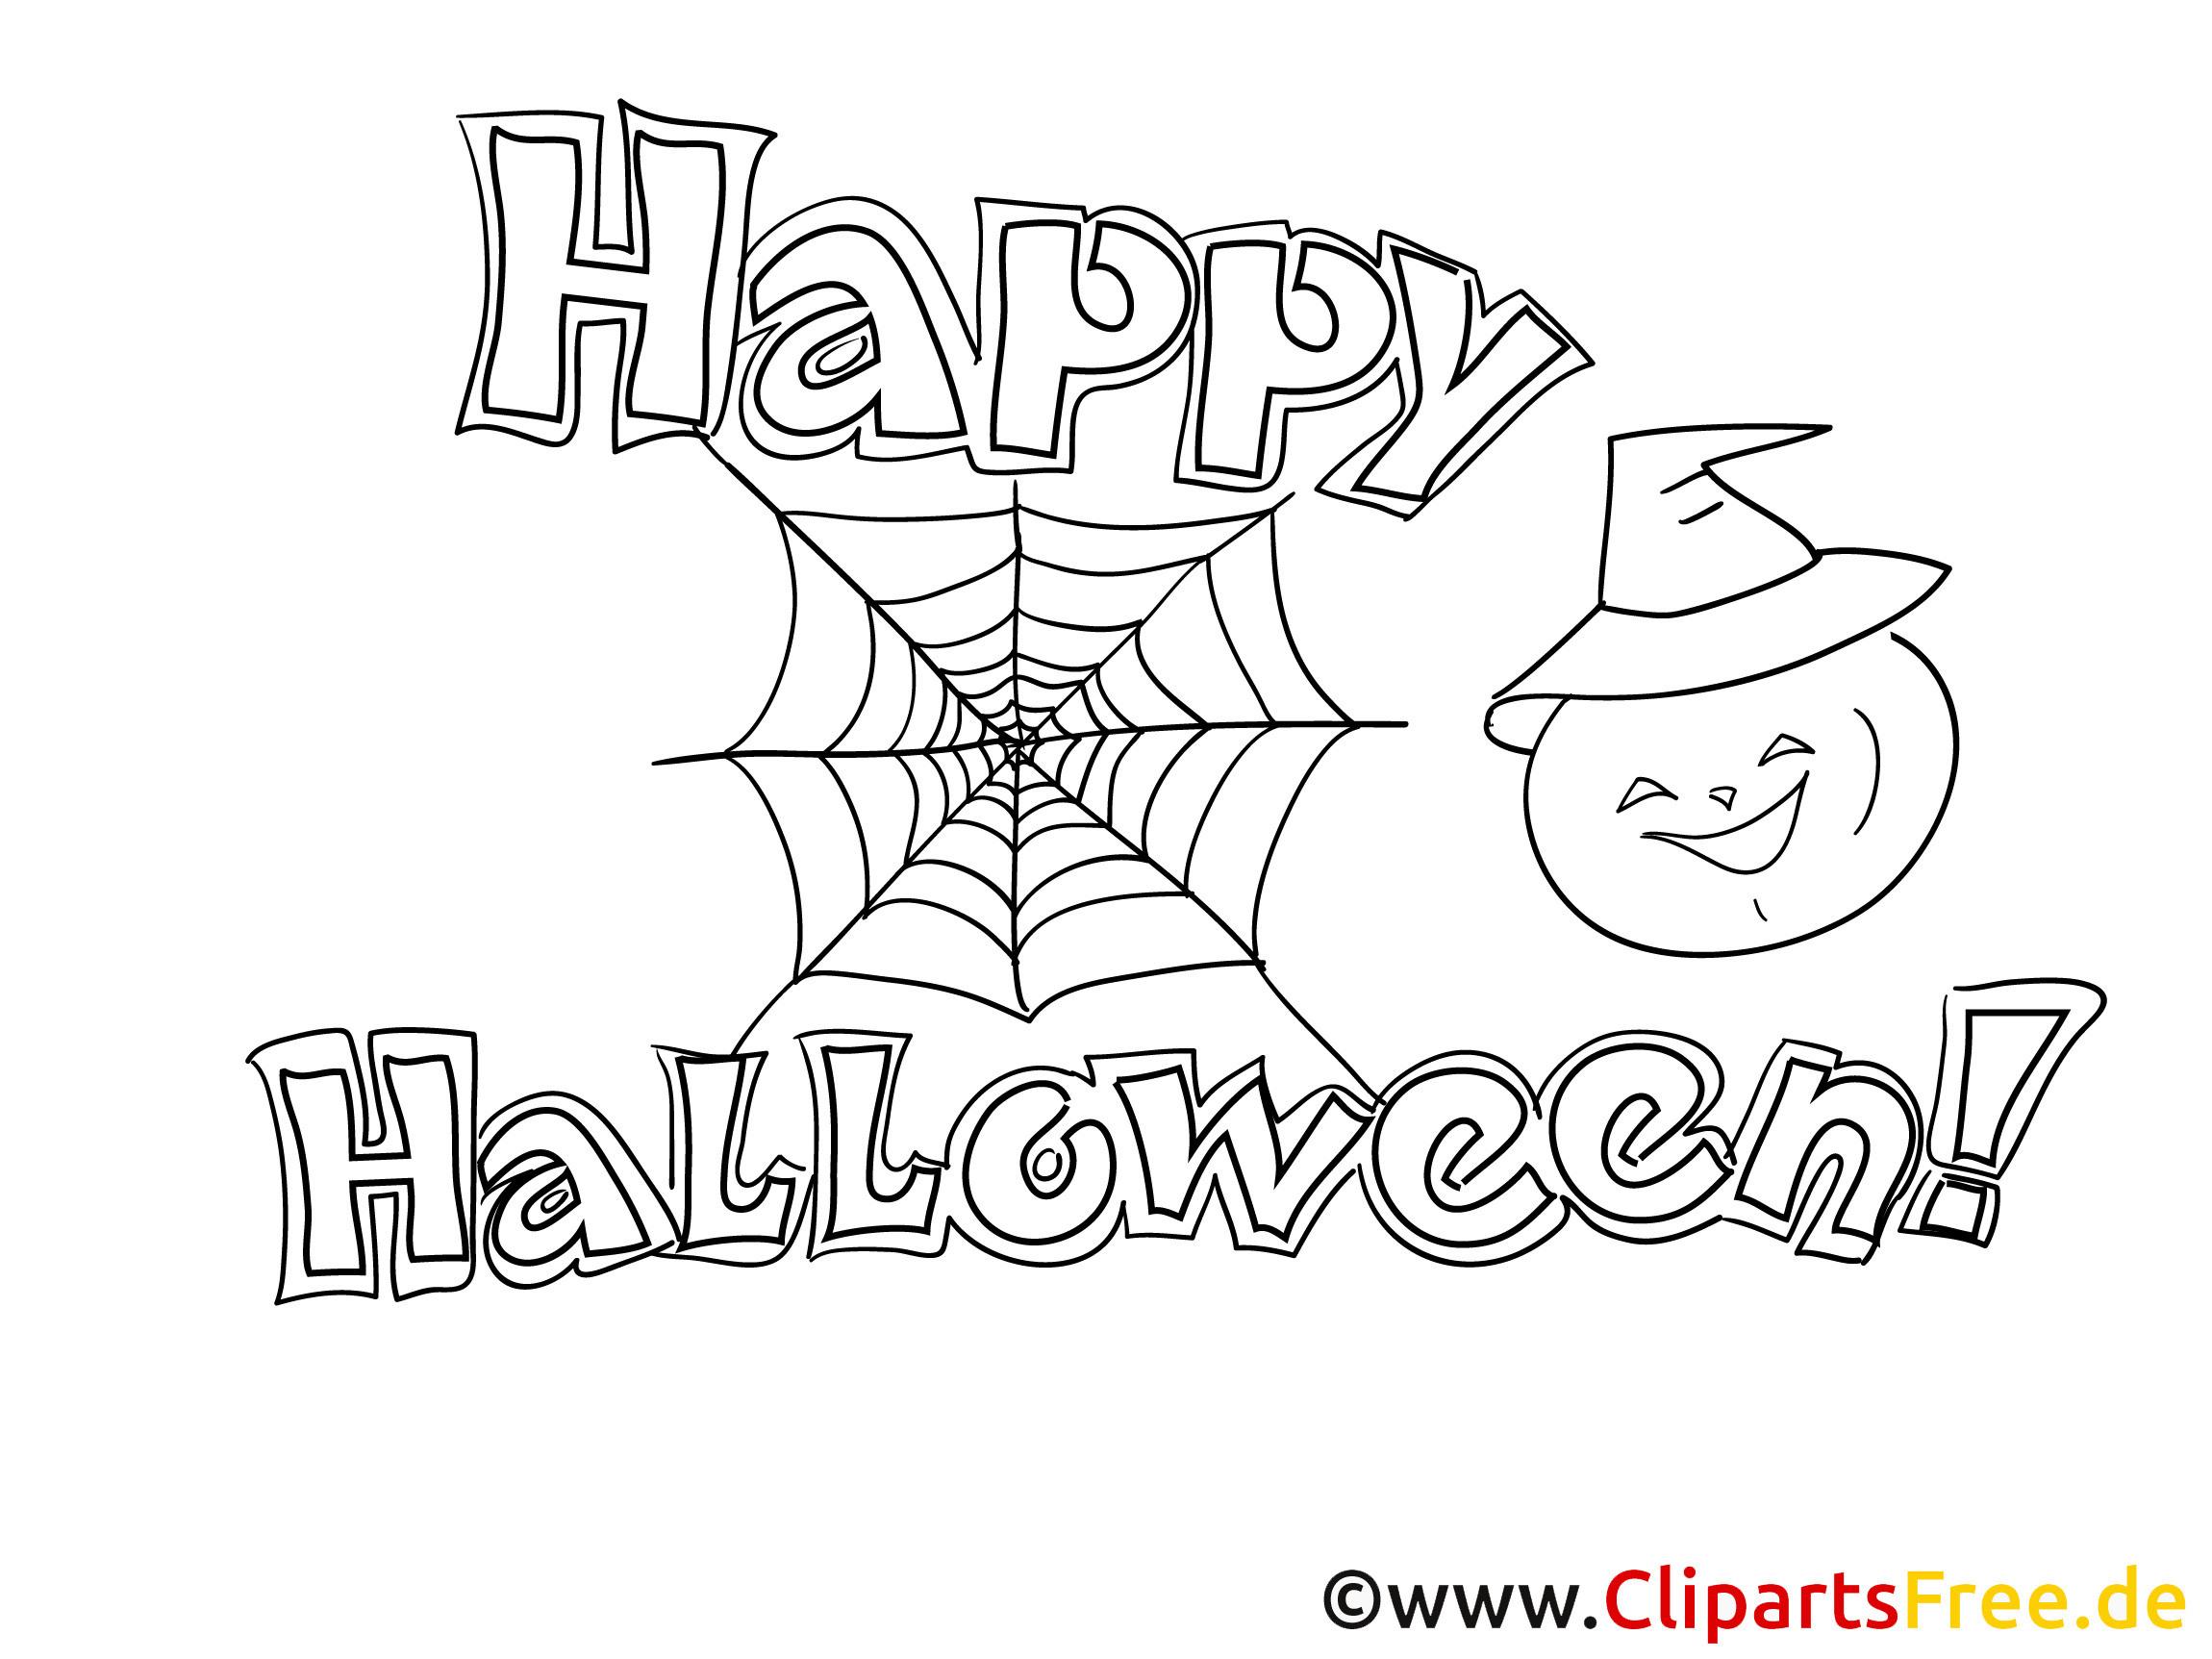 Spinnennetz Mit Spinne Malvorlage Inspirierend Halloween Malvorlagen Kostenlos Zum Ausdrucken Inspirierend Fotografieren